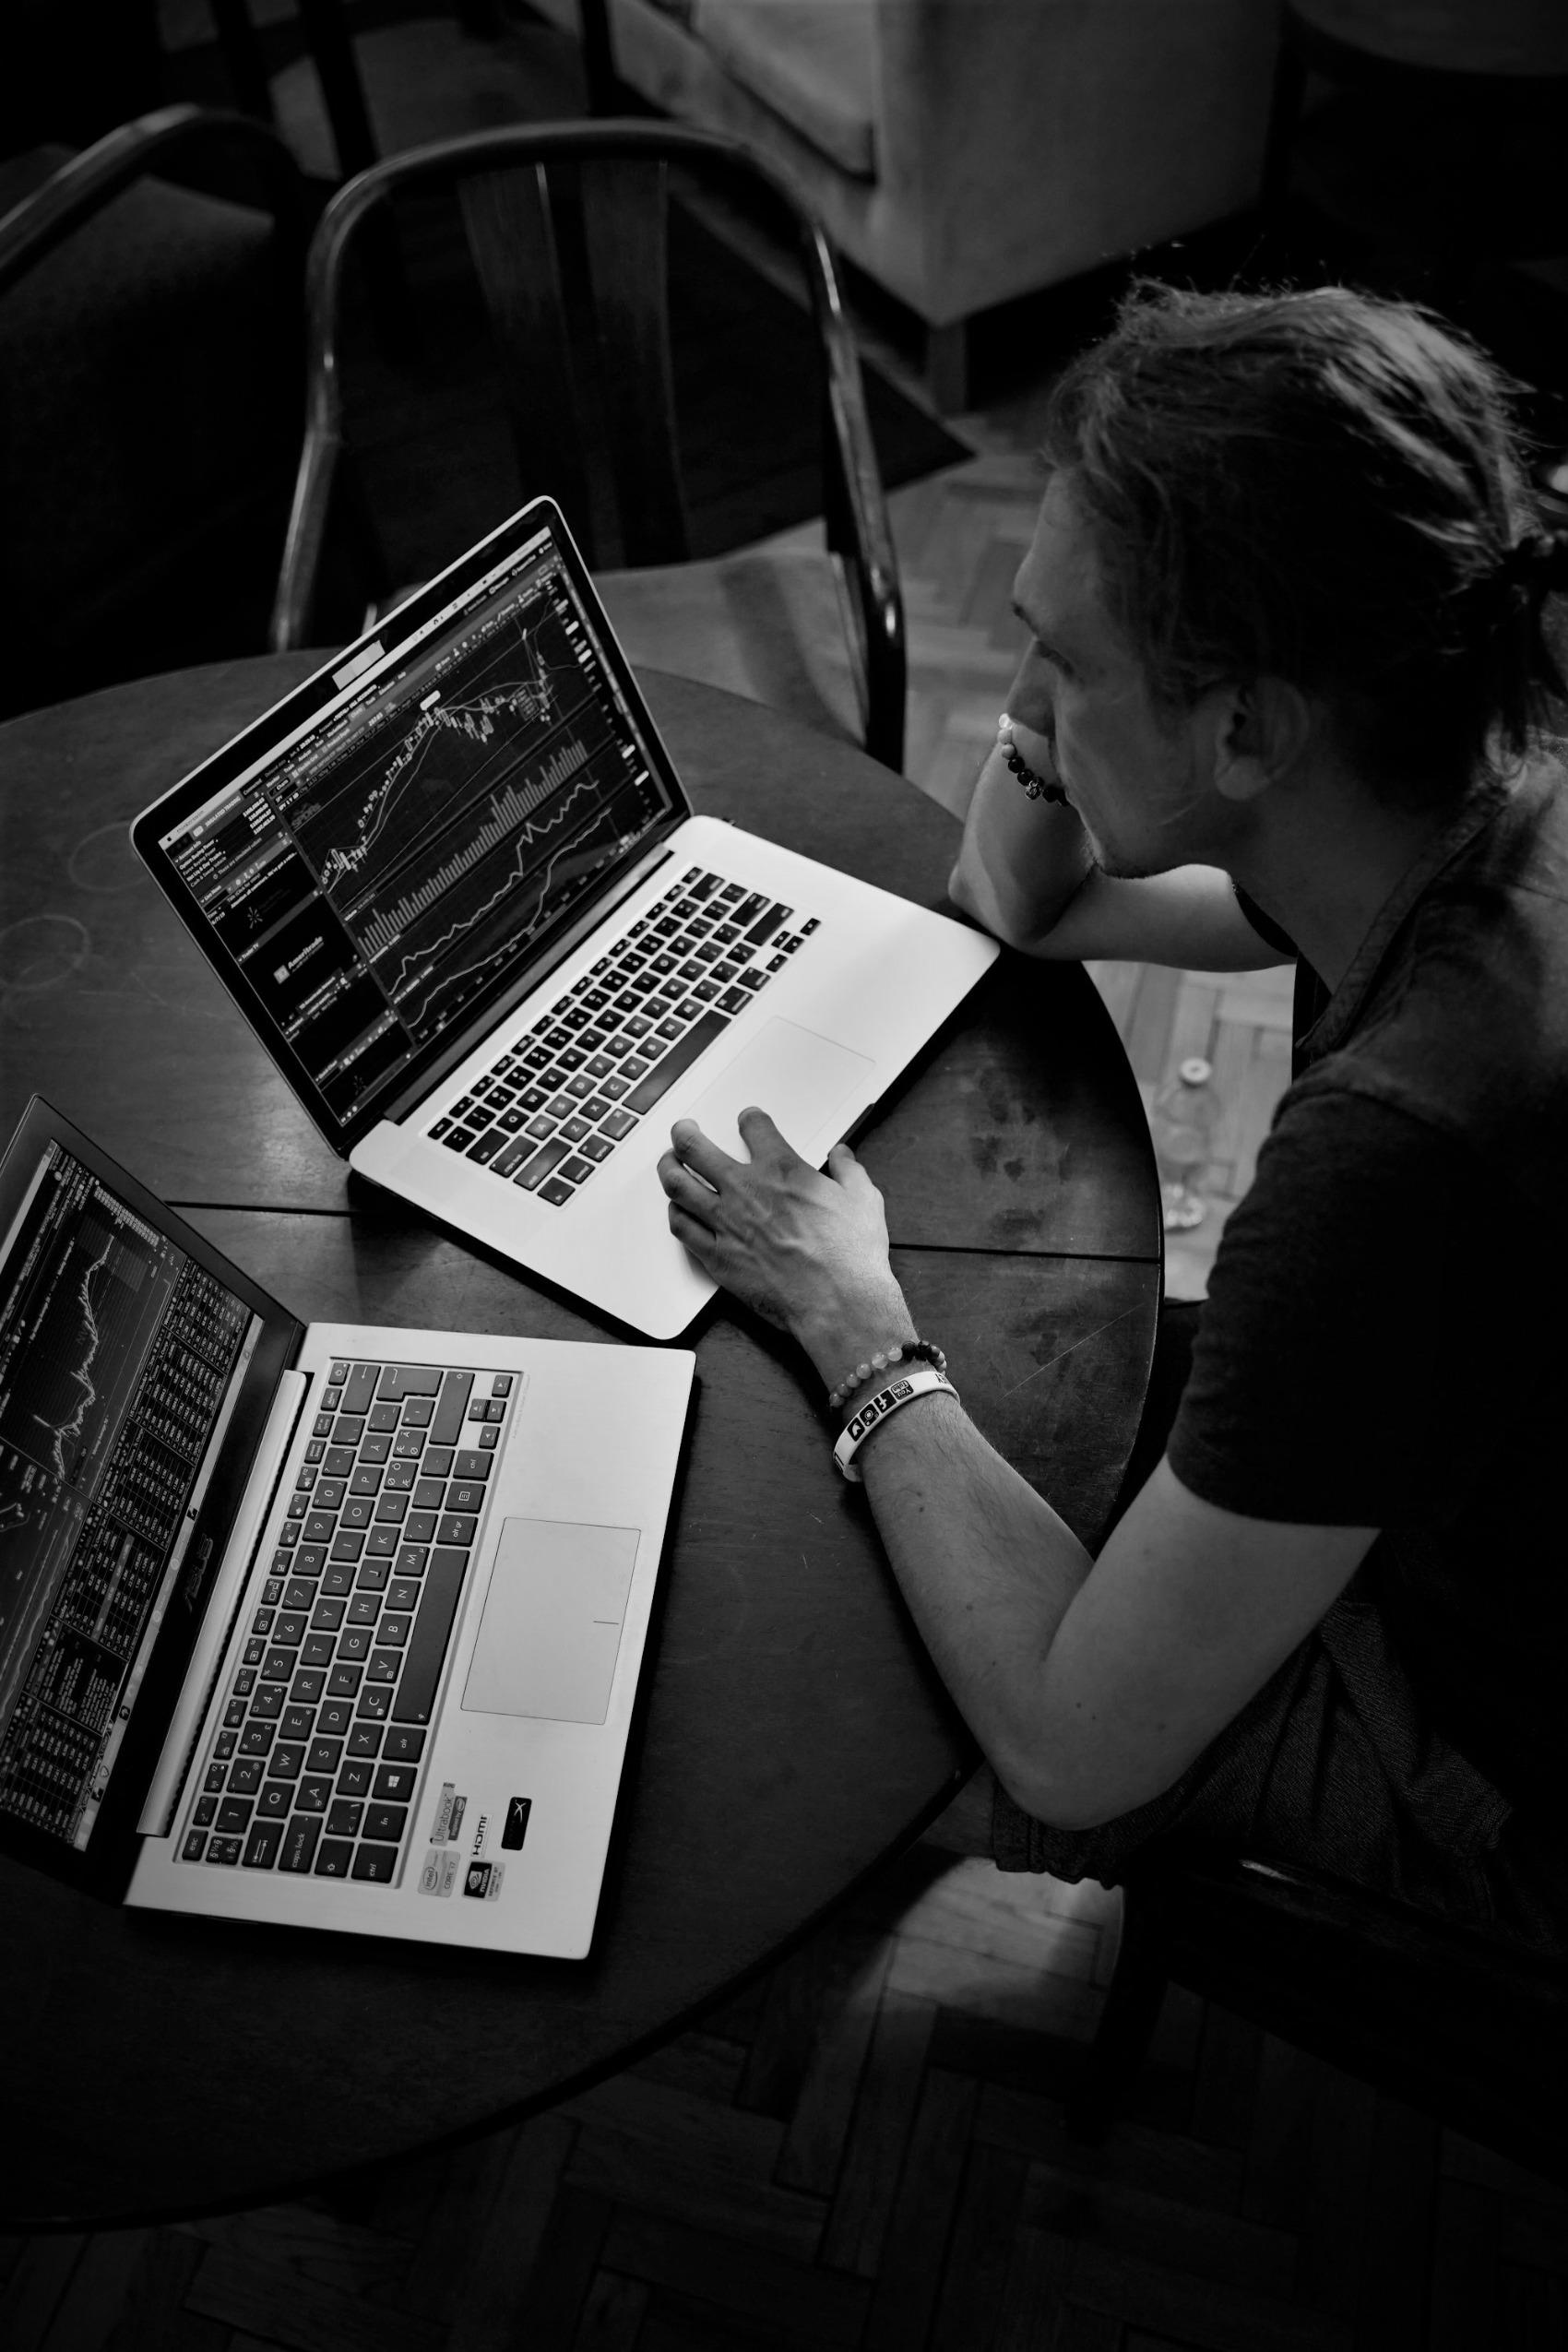 man chter twee laptops aan het beleggen